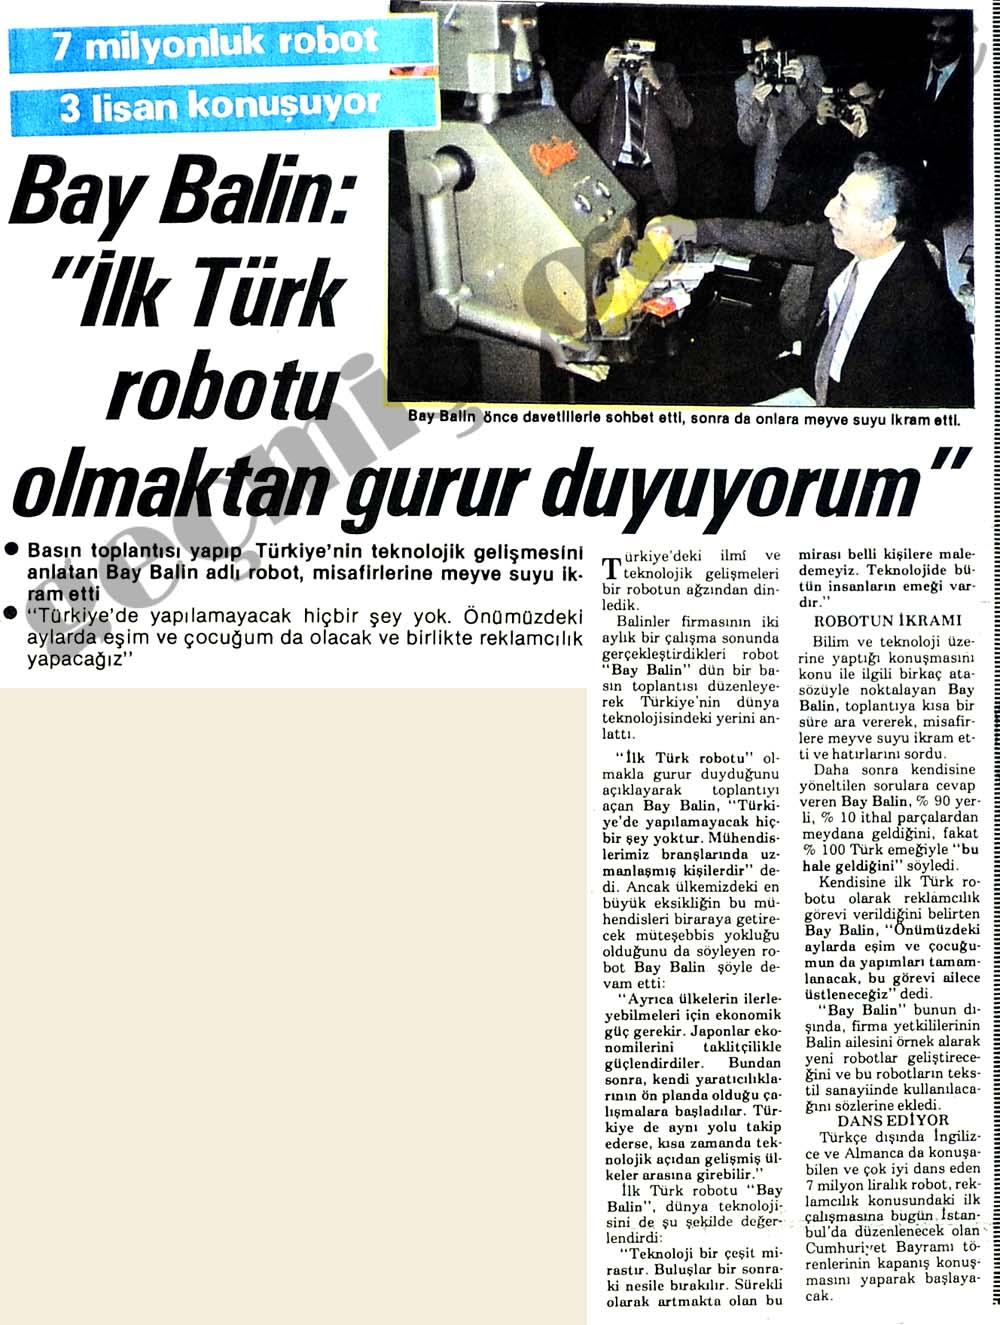 """""""İlk Türk robotu olmaktan gurur duyuyorum"""""""